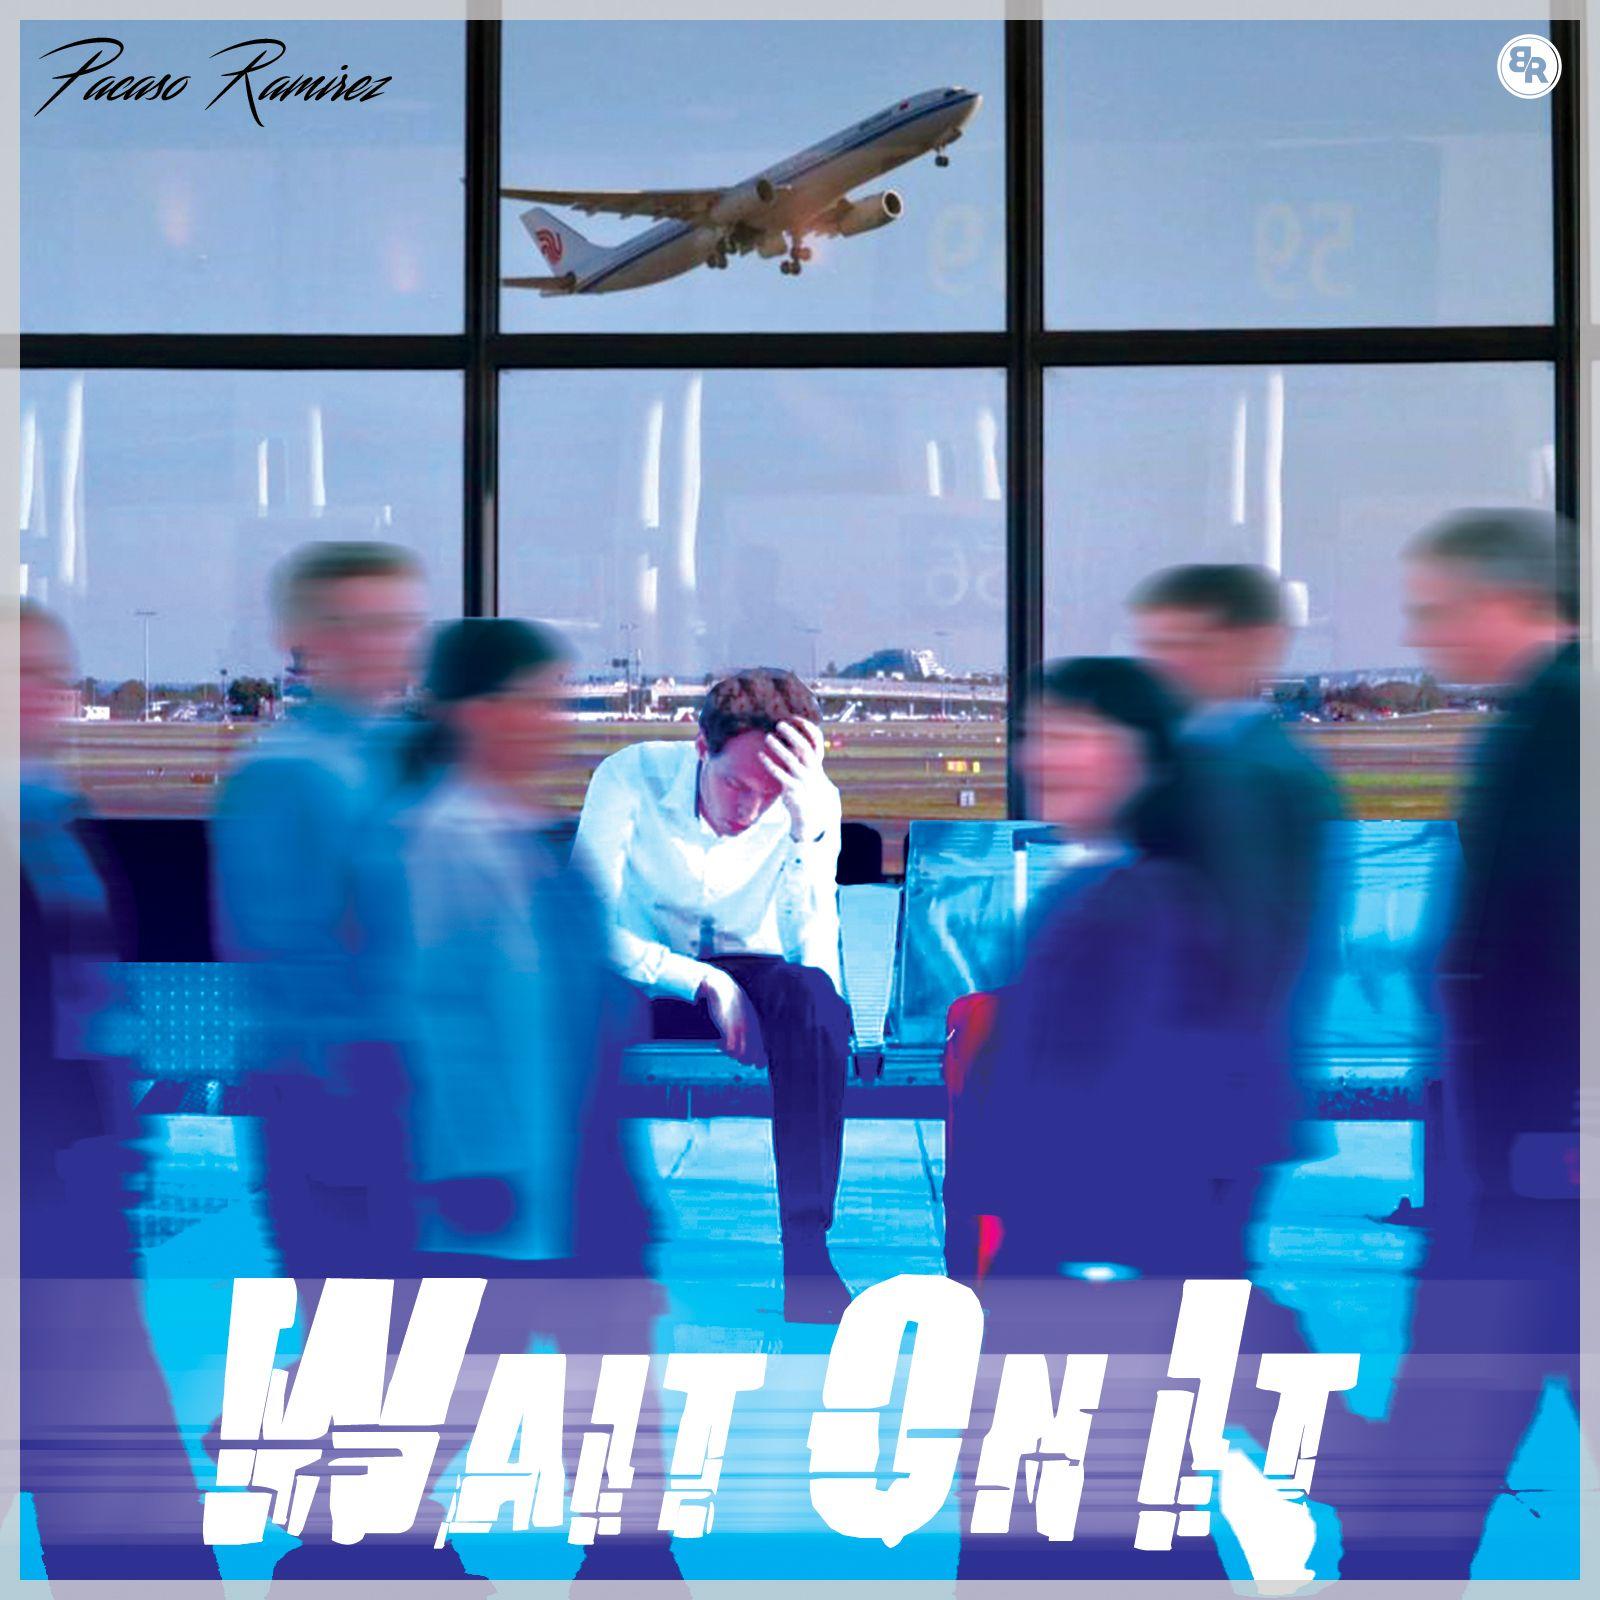 Wait On It by Pacaso Ramirez